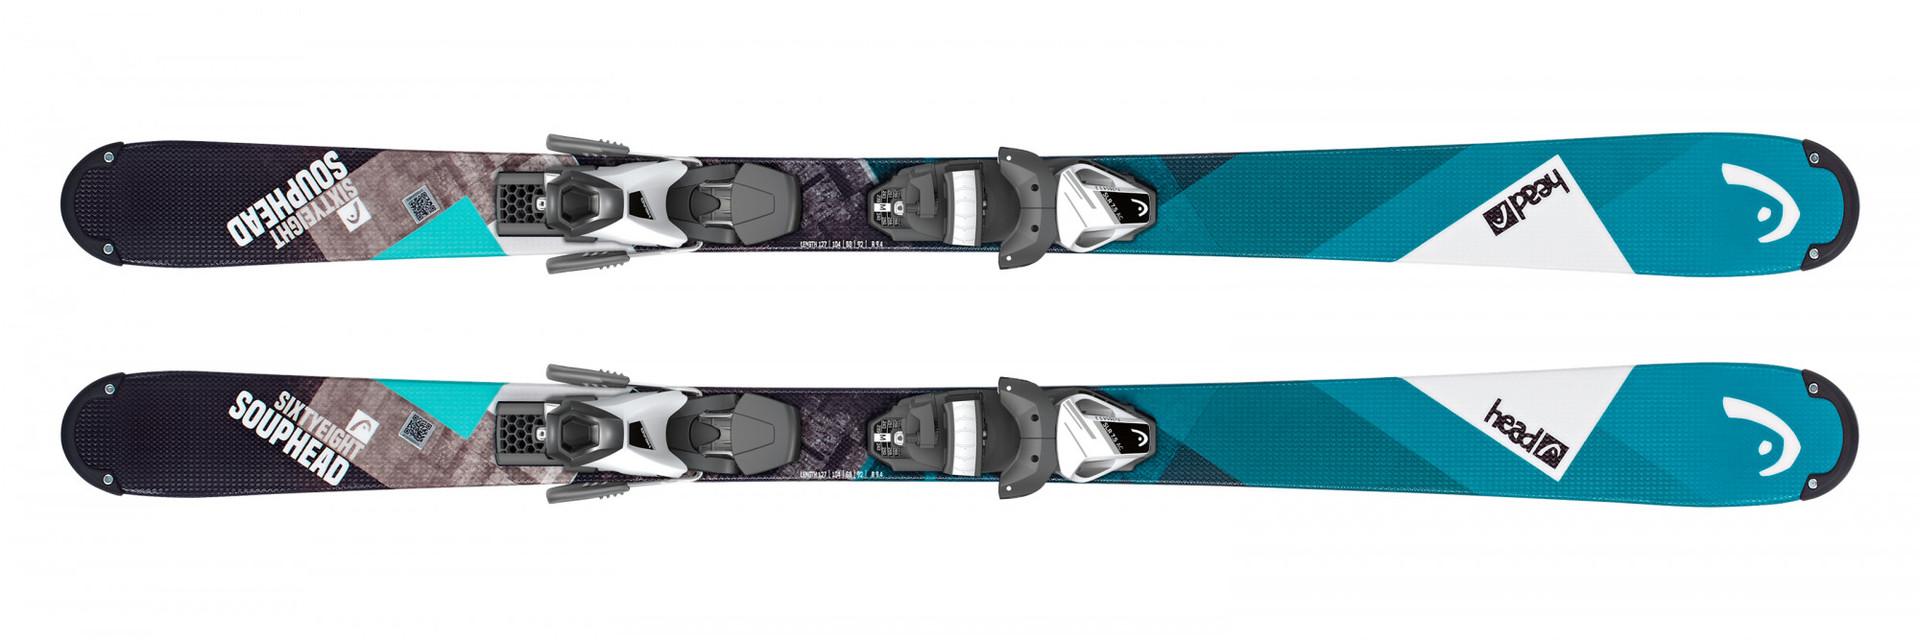 Горные лыжи Head Souphead SLR2 (117-137) + Крепление SLR 7.5 AC размер 127 (2019)